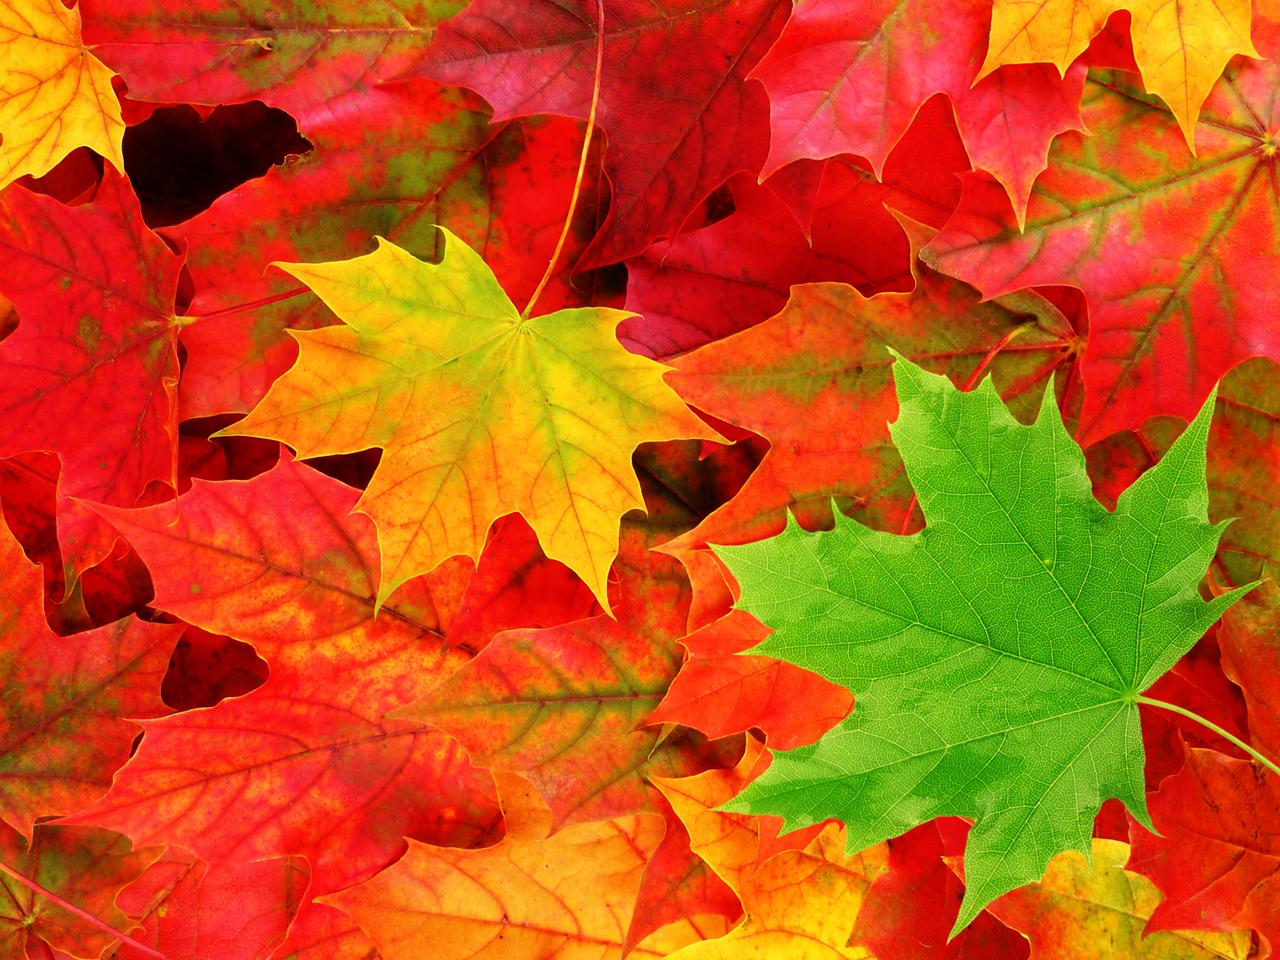 pemandangan: Autumn Leaves Wallpaper: tikabingodingdong.blogspot.com/2012/11/autumn-leaves-wallpaper.html